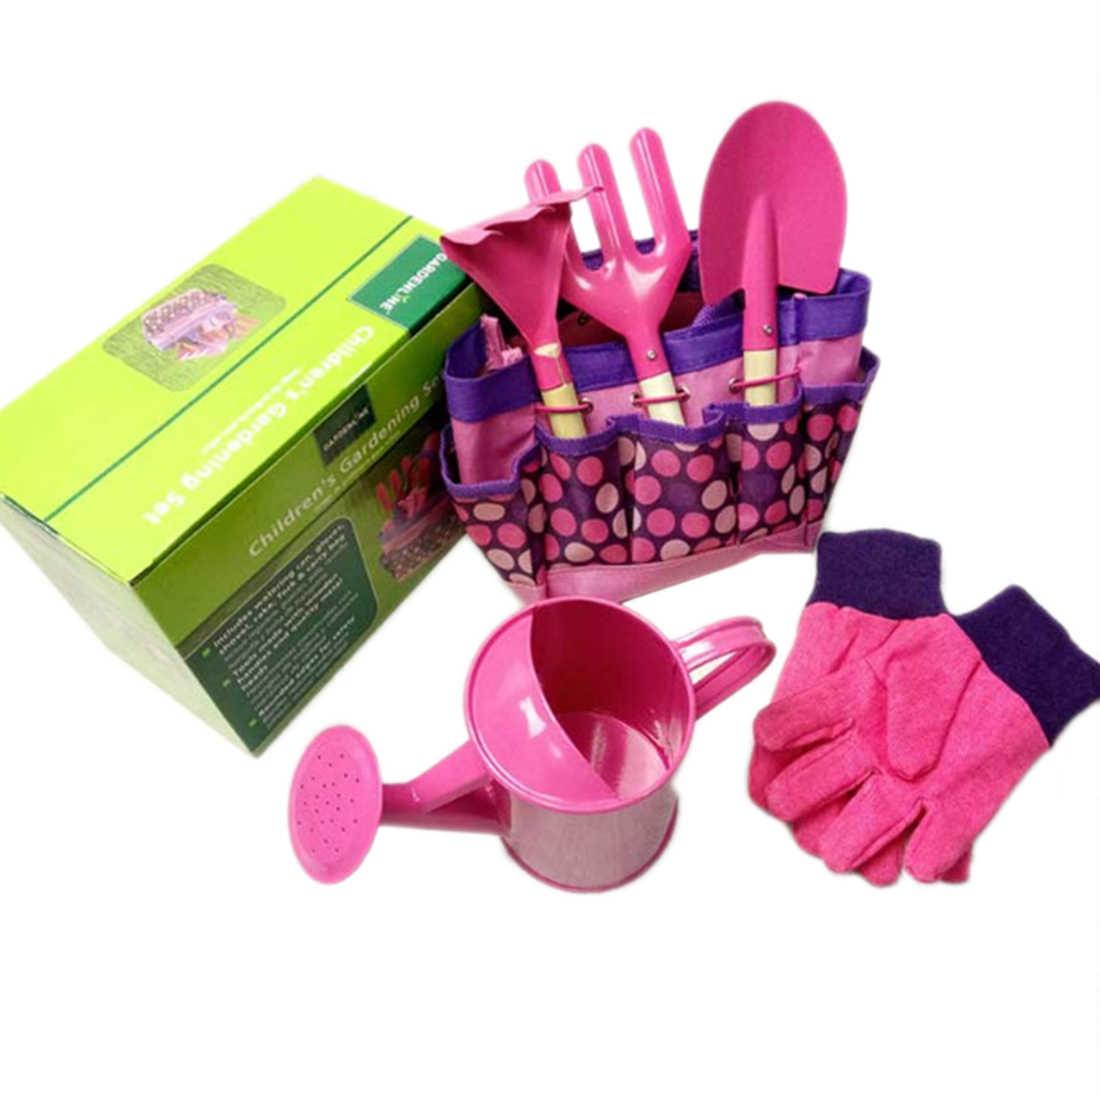 Детский уличный садовый Игрушечный Набор садовых инструментов чайник перчатки игрушки в виде садовых инструментов для девочки мальчик ролевые игрушки набор аксессуаров-розовый синий